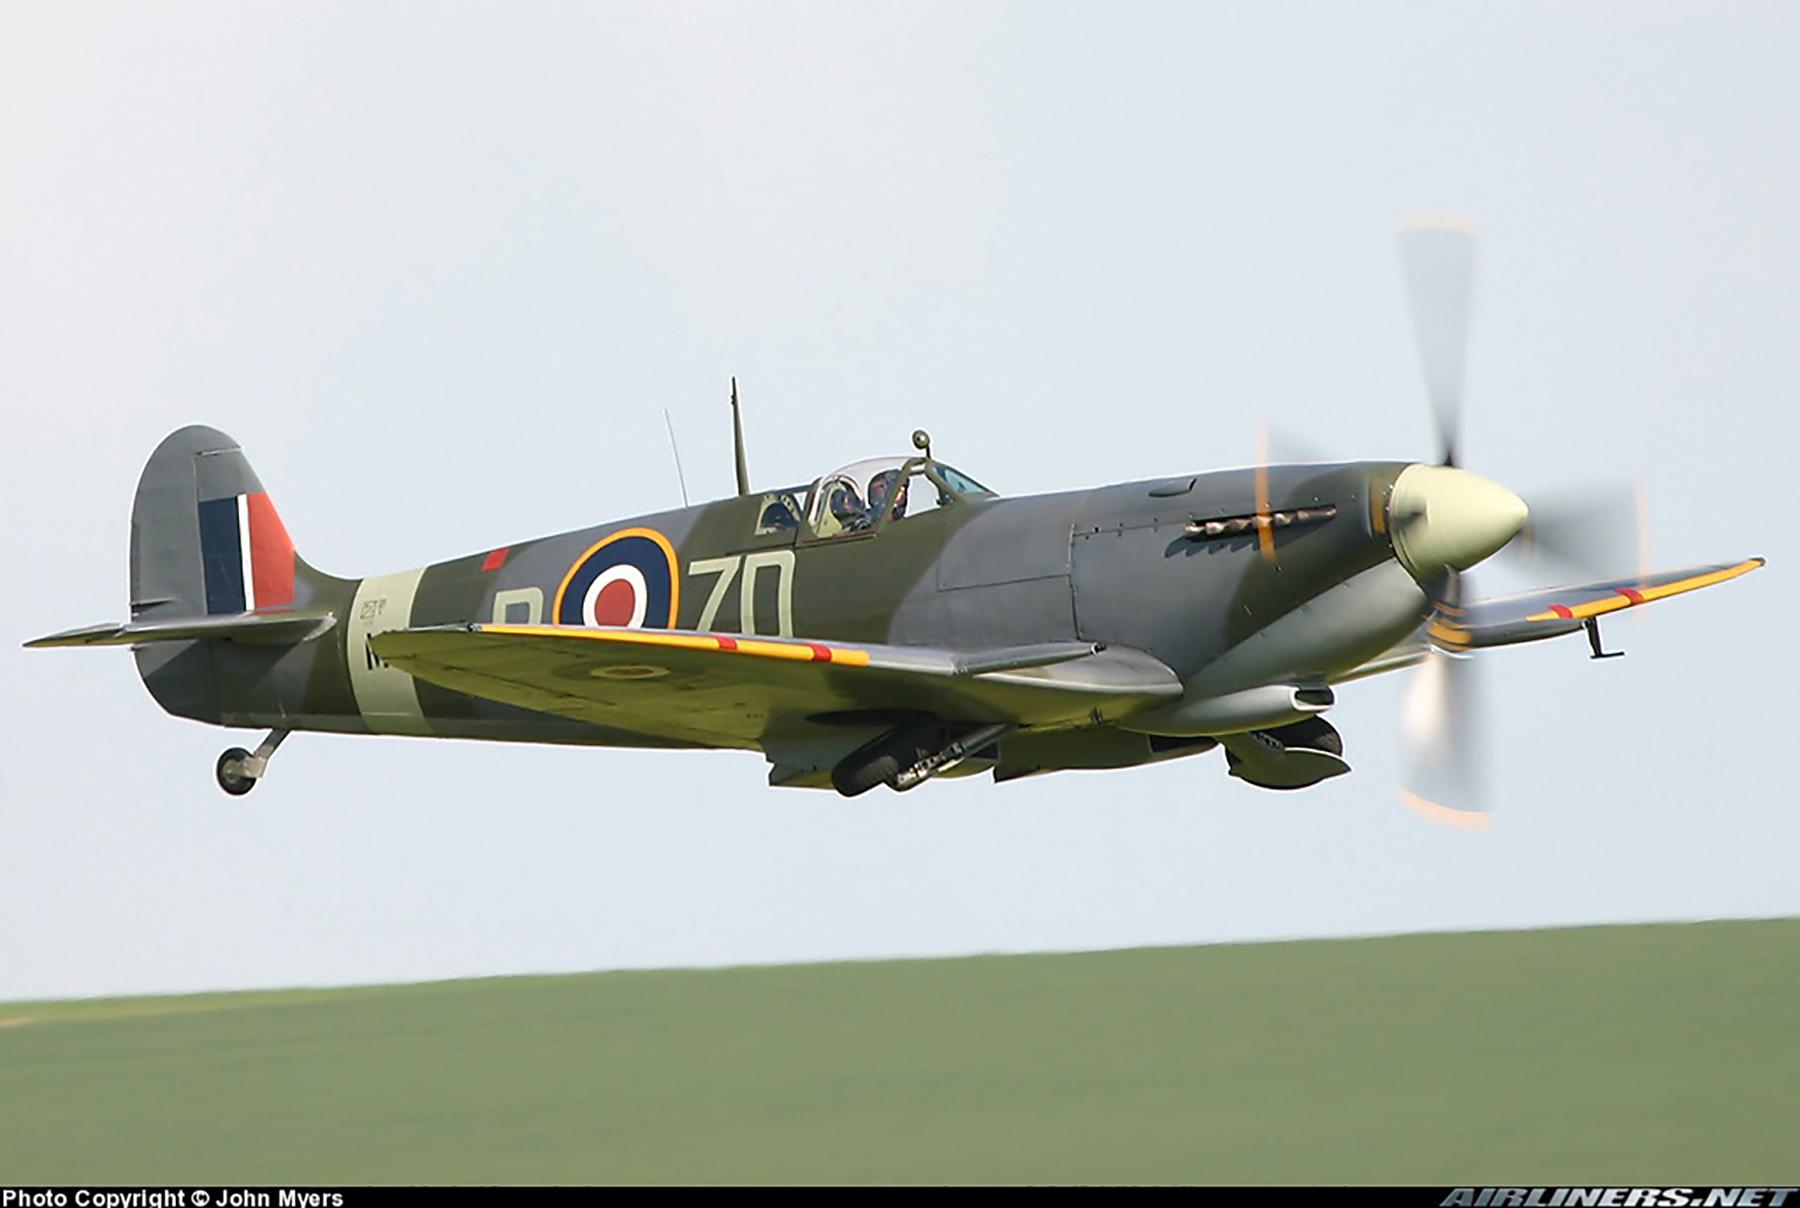 Airworthy Spitfire warbird RAF 222Sqn ZDB MH434 England 11